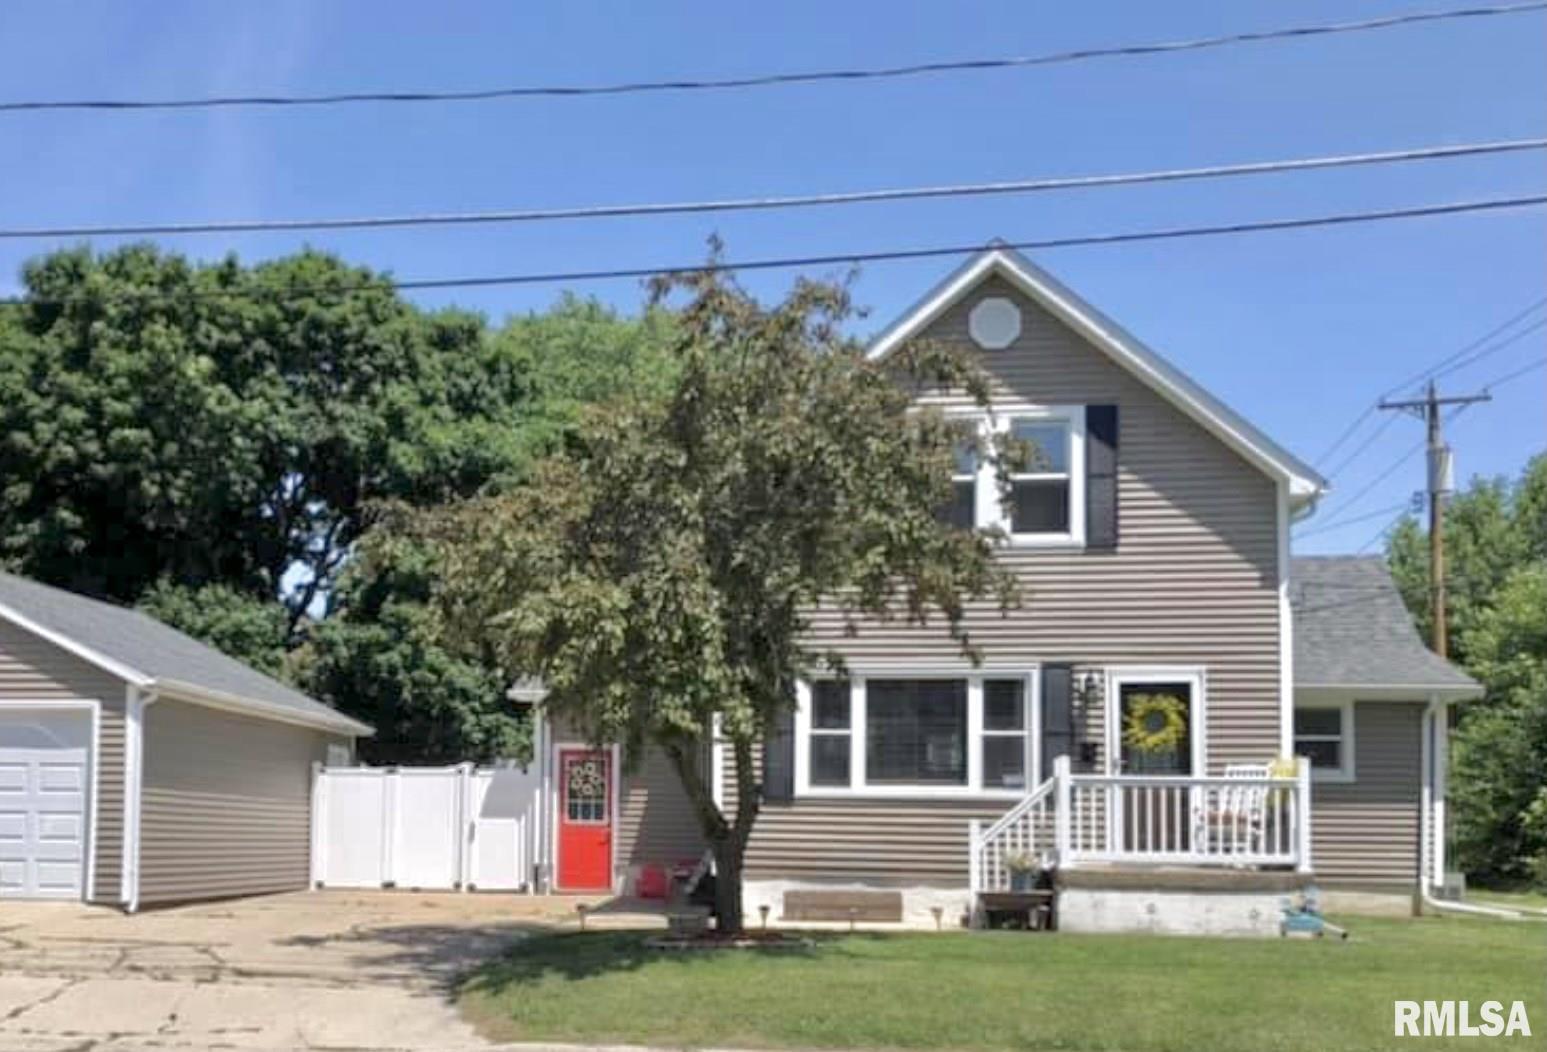 102 E LOWER Property Photo - Abingdon, IL real estate listing